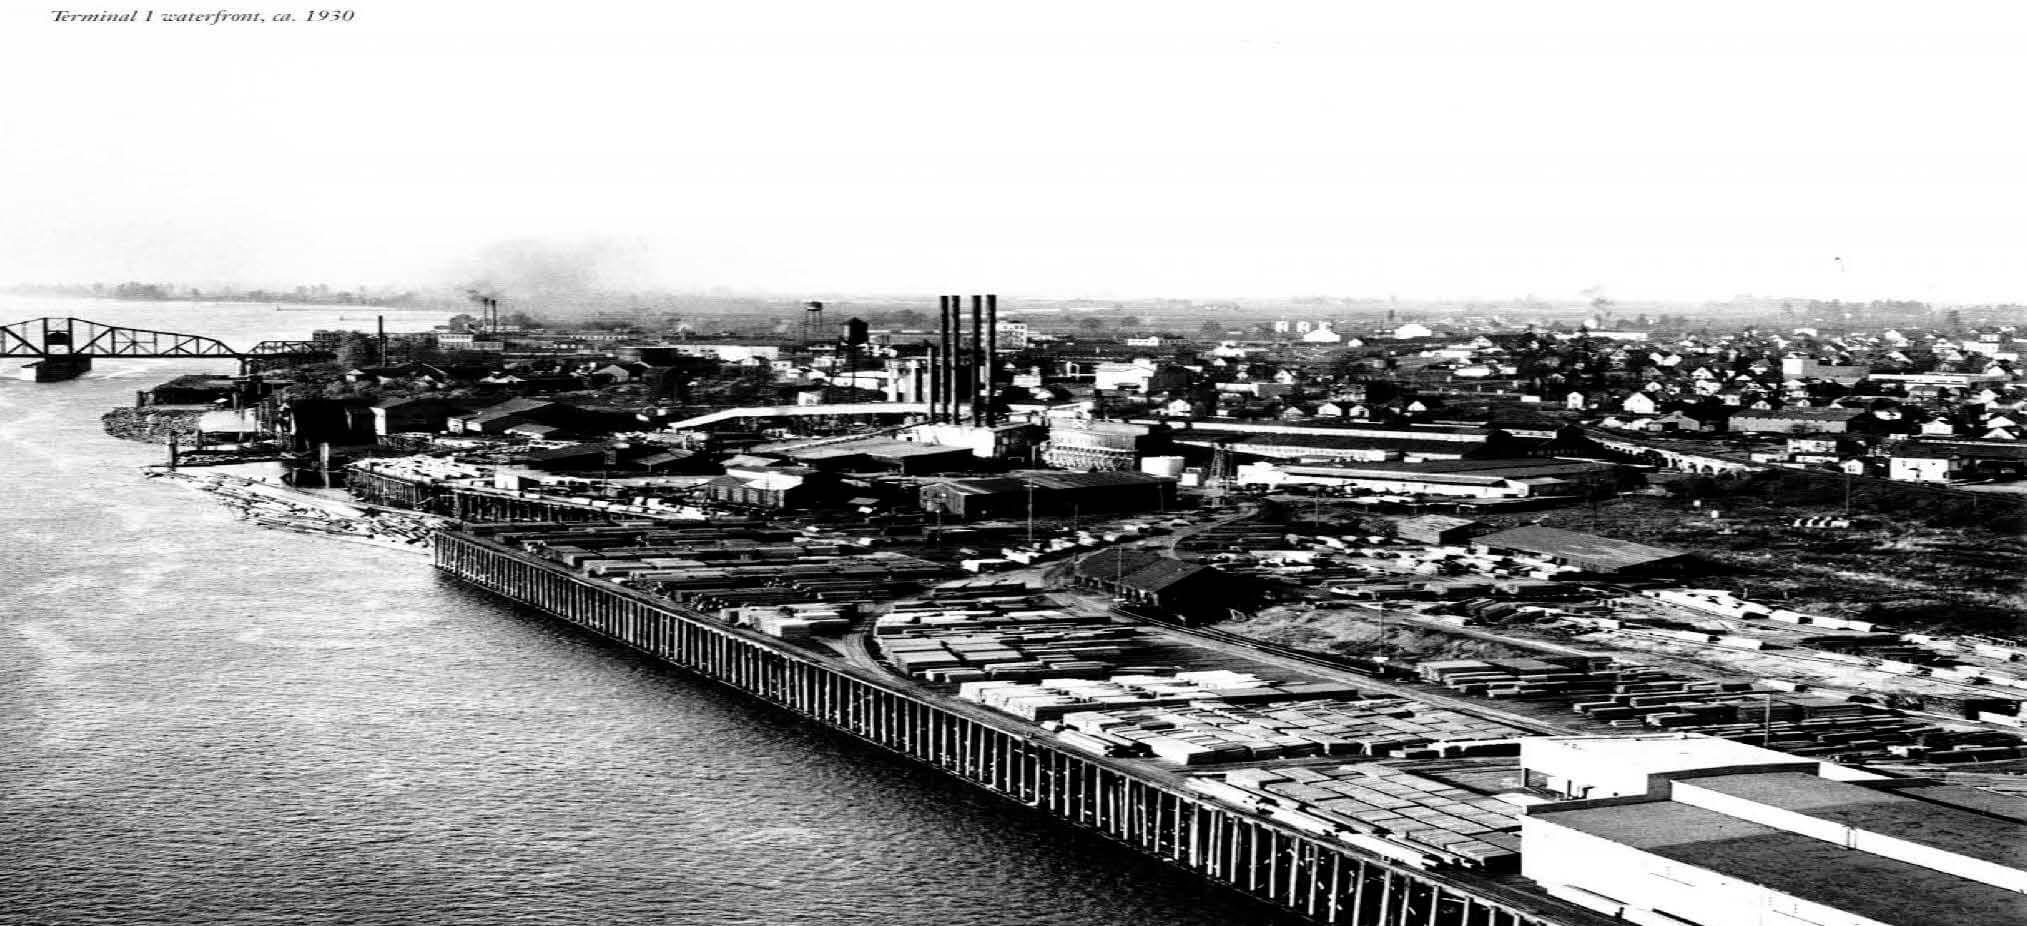 Circa 1930 Port of Vancouver Terminal 1